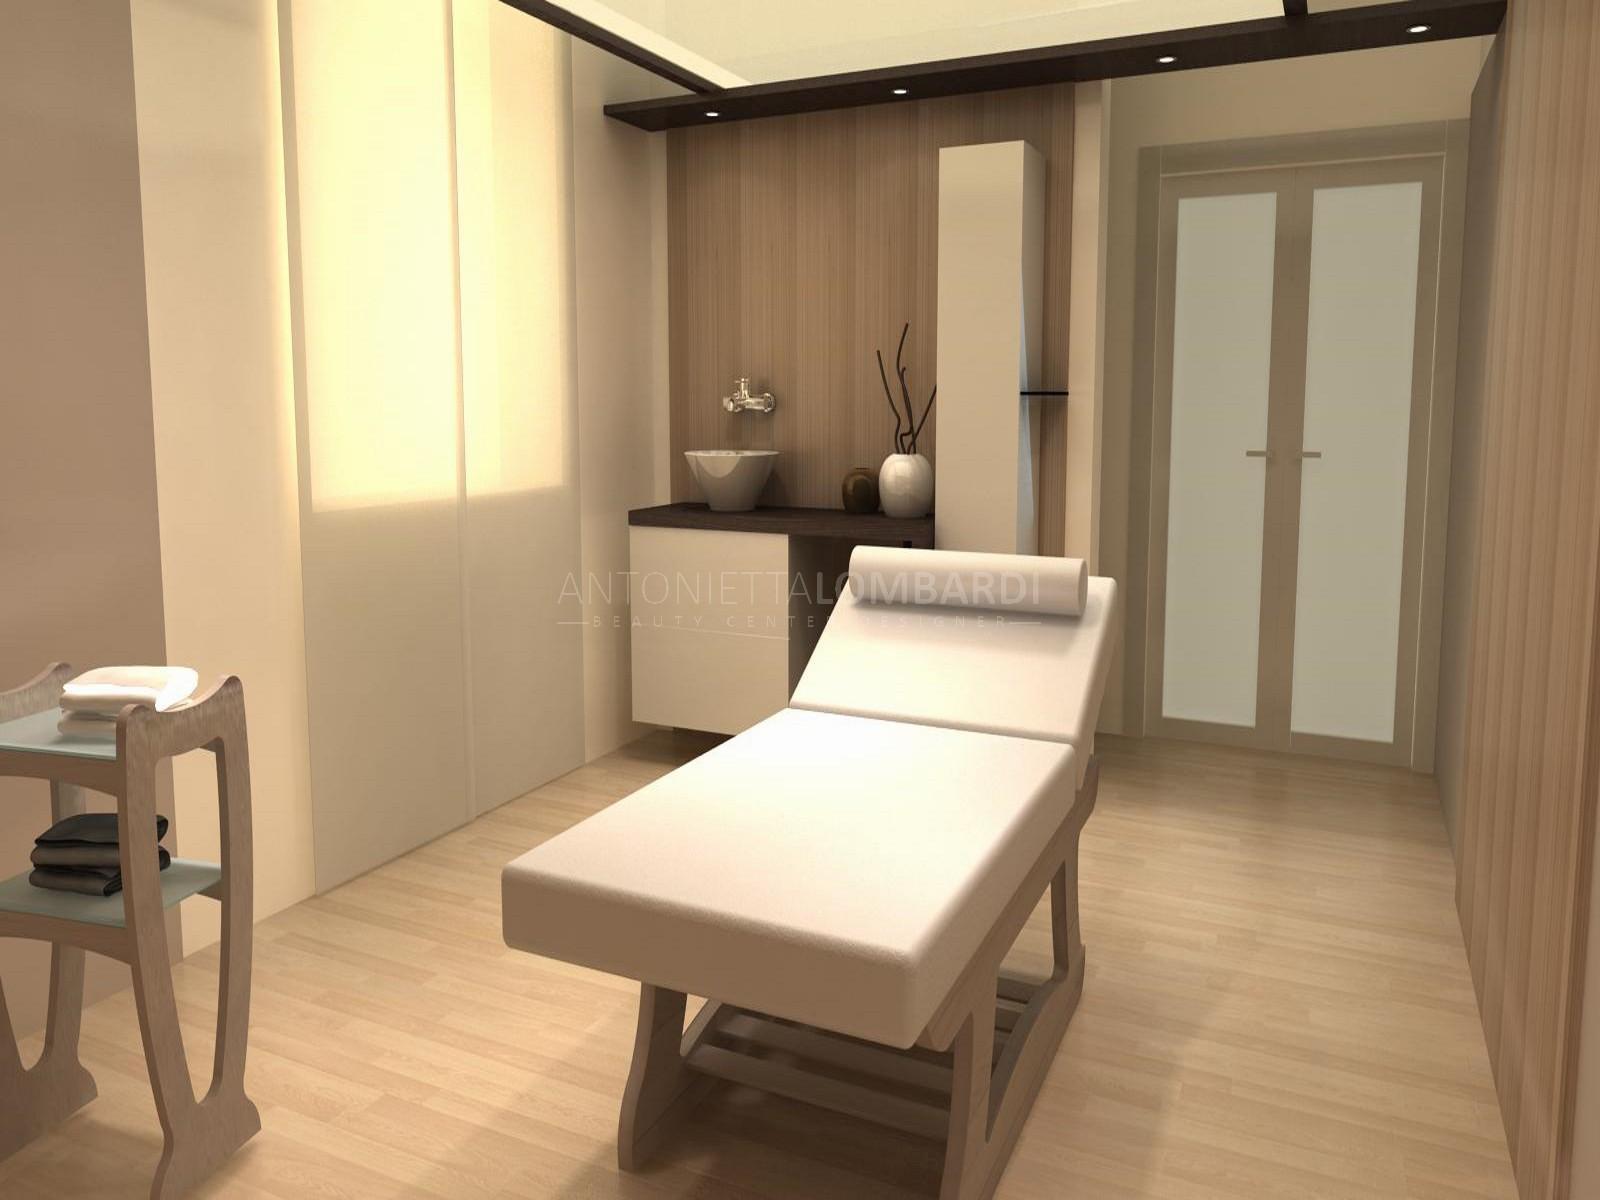 Arredamentiperestetica cabina estetica realizzazione roma for Arredamento estetica